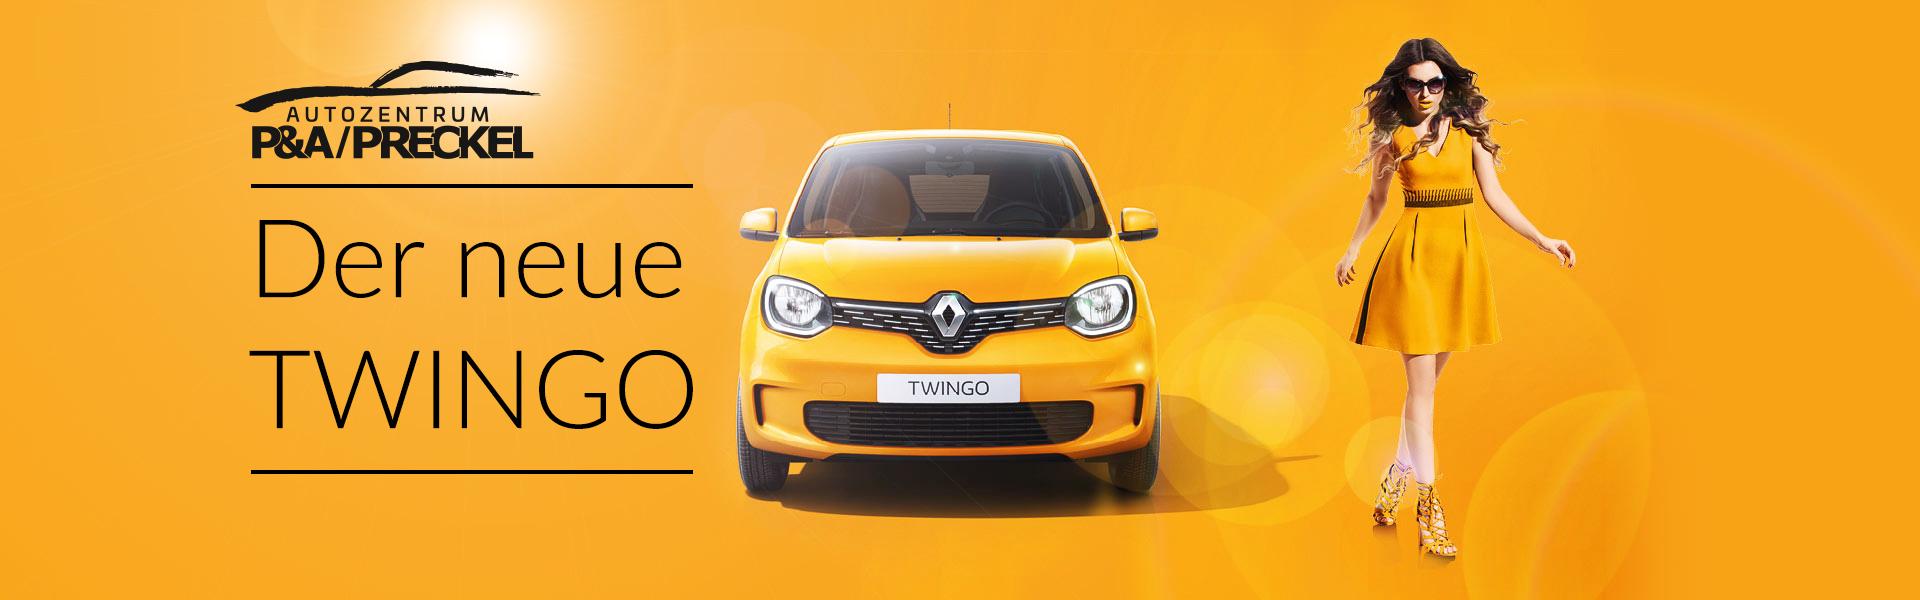 Der neue Renault Twingo im Autozentrum P&A Preckel